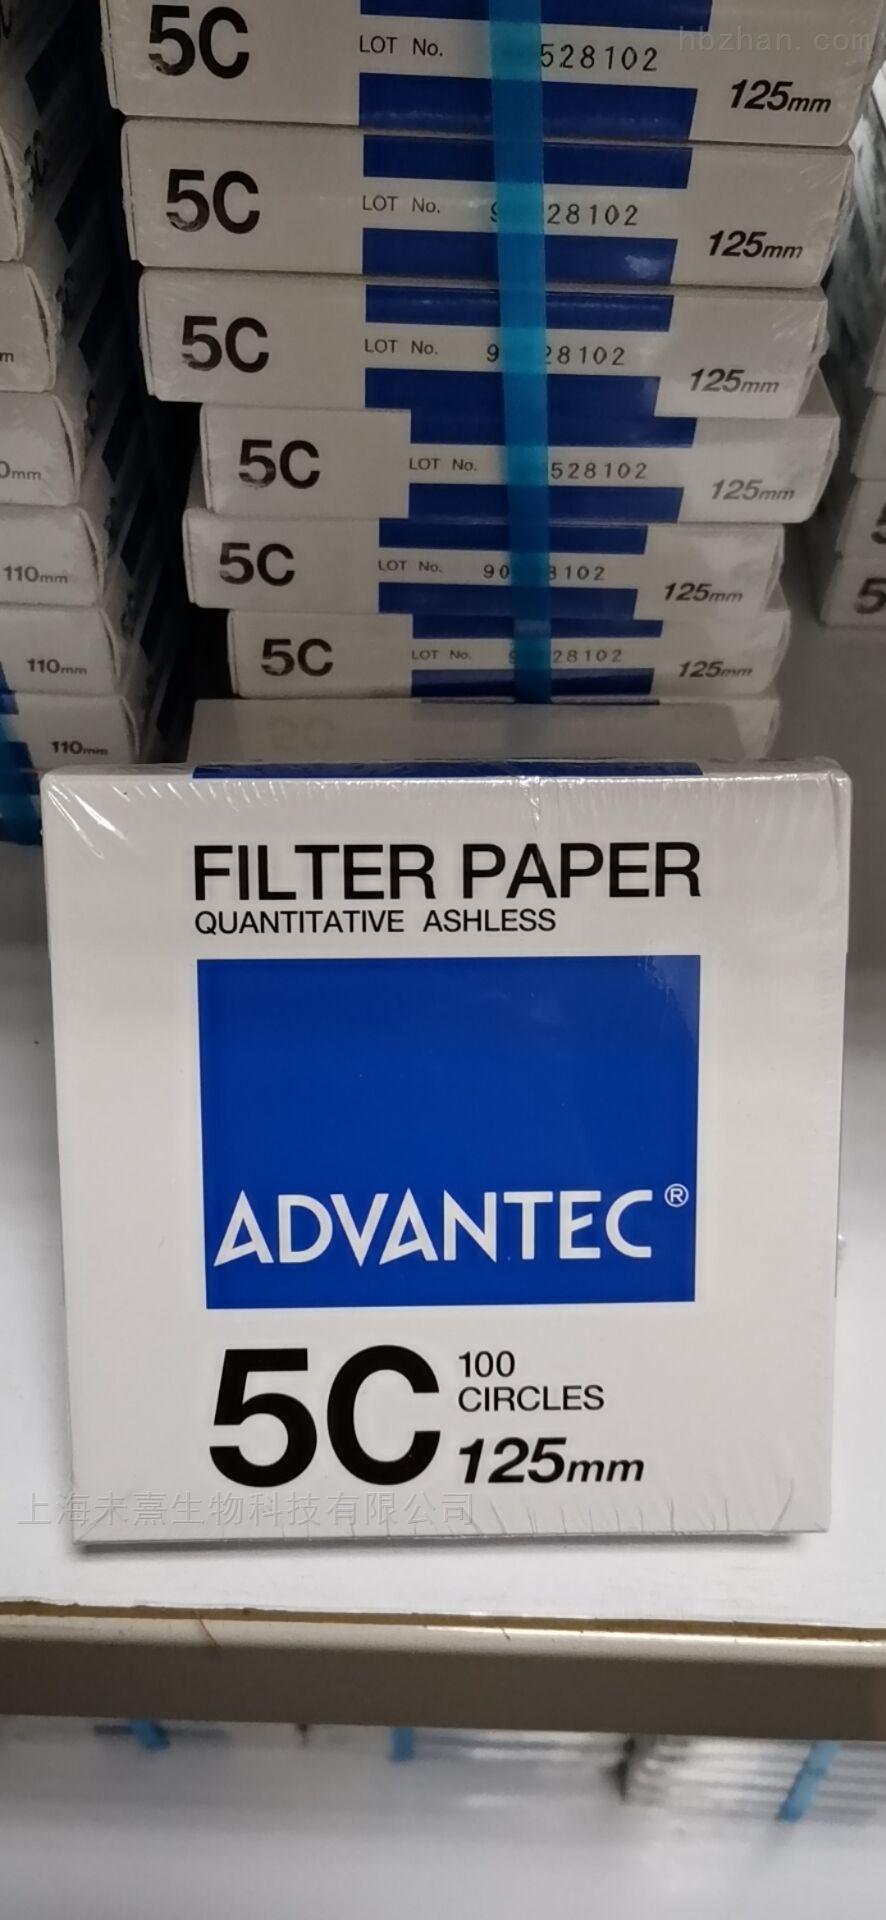 东洋总代理ADVANTEC 5C定量滤纸125mm直径